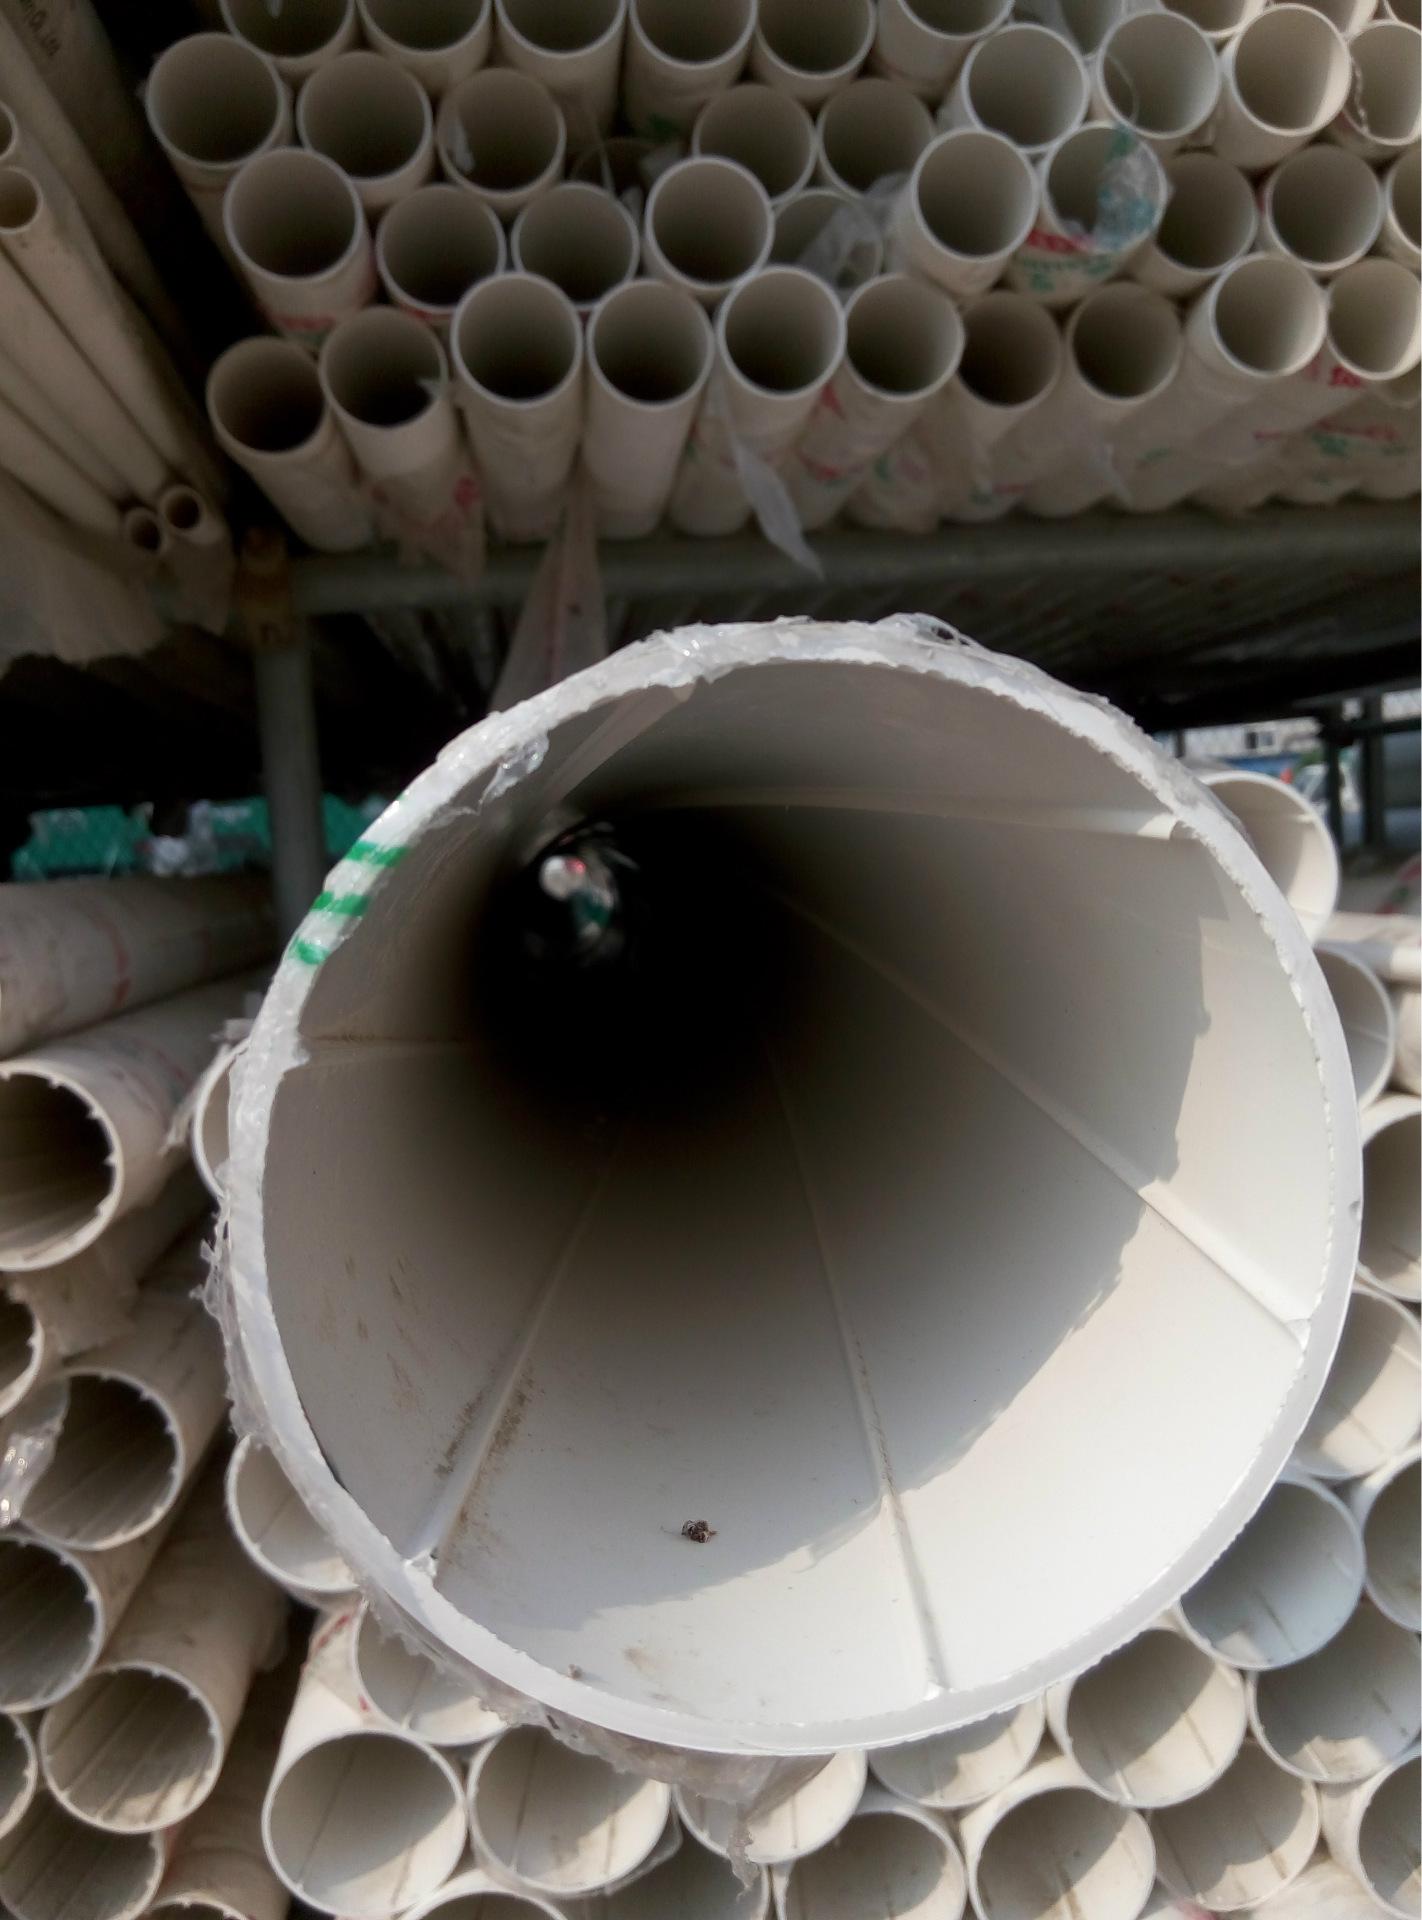 单壁波纹管 upvc排水管材单壁螺旋波纹管厂家直销排水管材 阿里巴巴